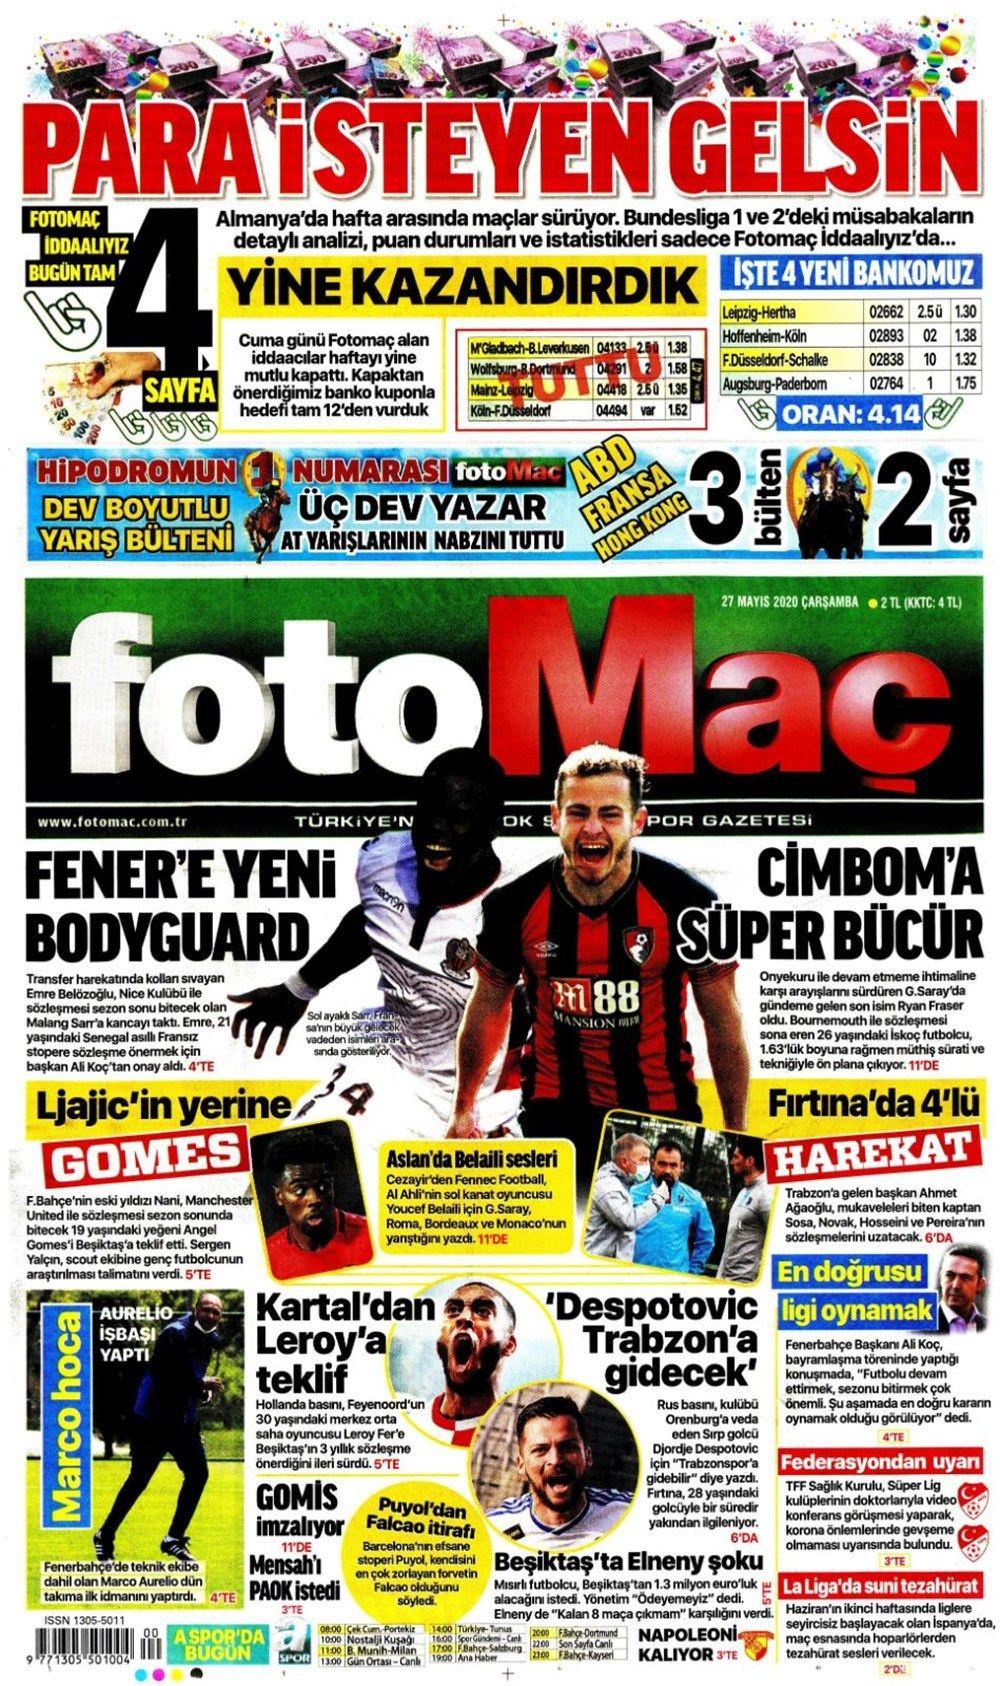 Spor gazetelerinin 27 Mayıs manşetleri - Sayfa 4